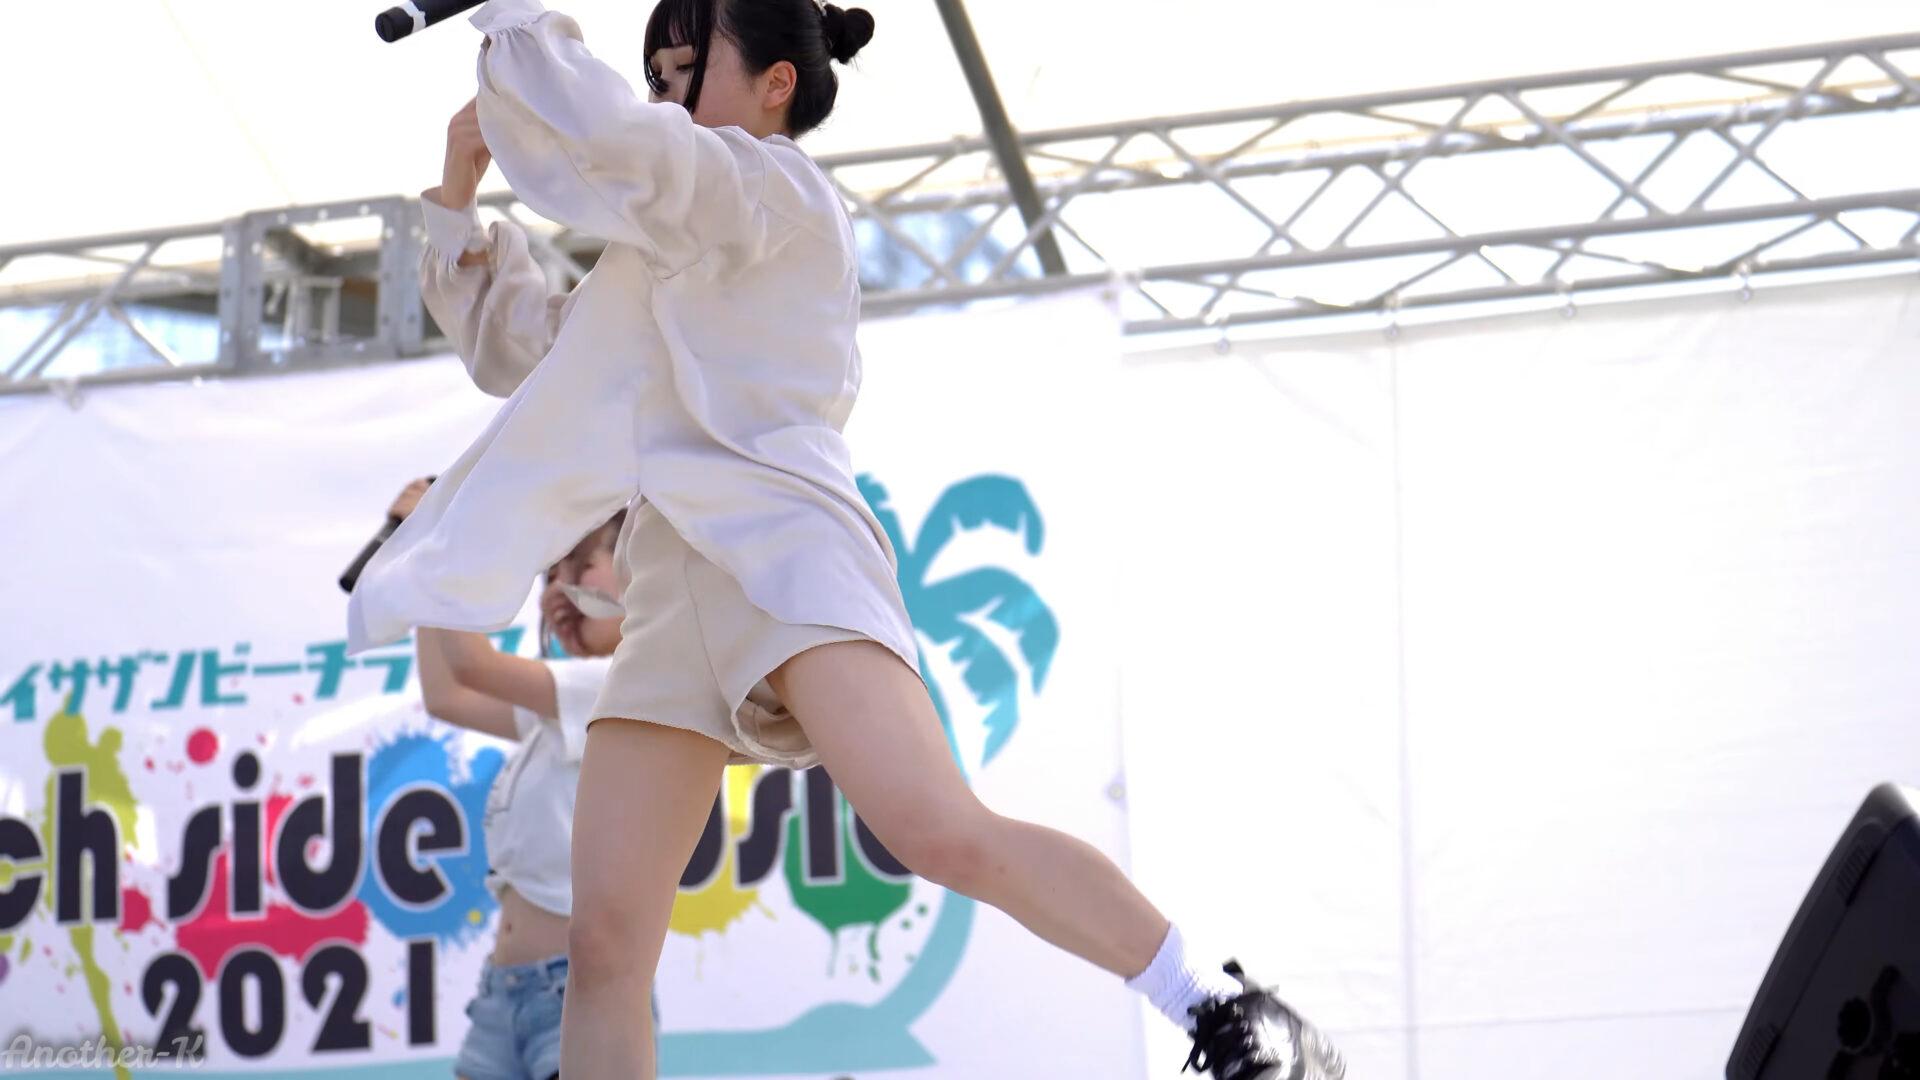 サークルクラッシャー『トワイライト』/タルイサザンビーチ砂浜(2021.07.22)【4K】Japanese Girls Idol Swimsuit Live 02:02